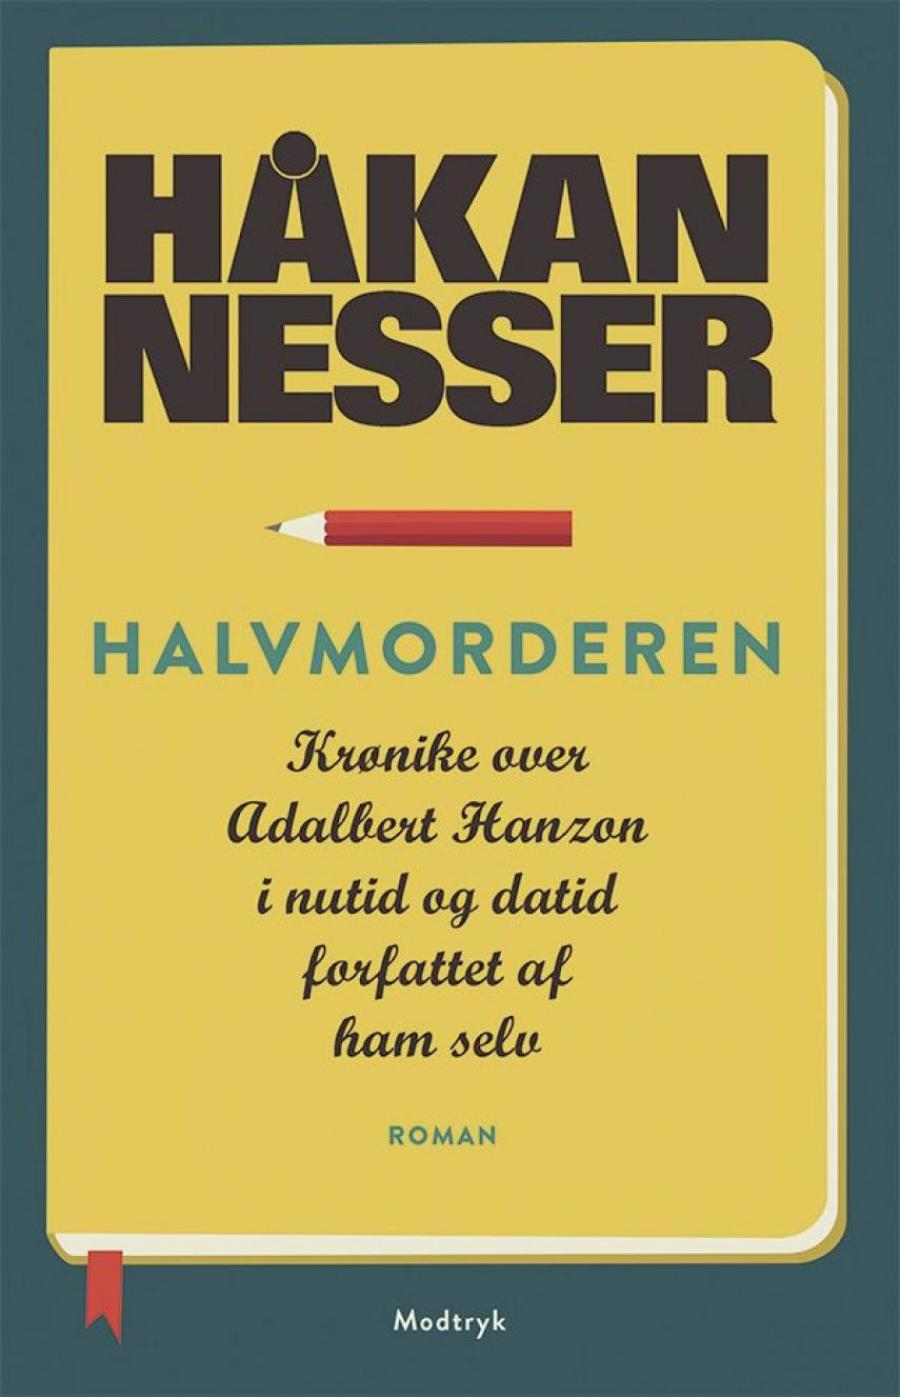 Håkan Nesser